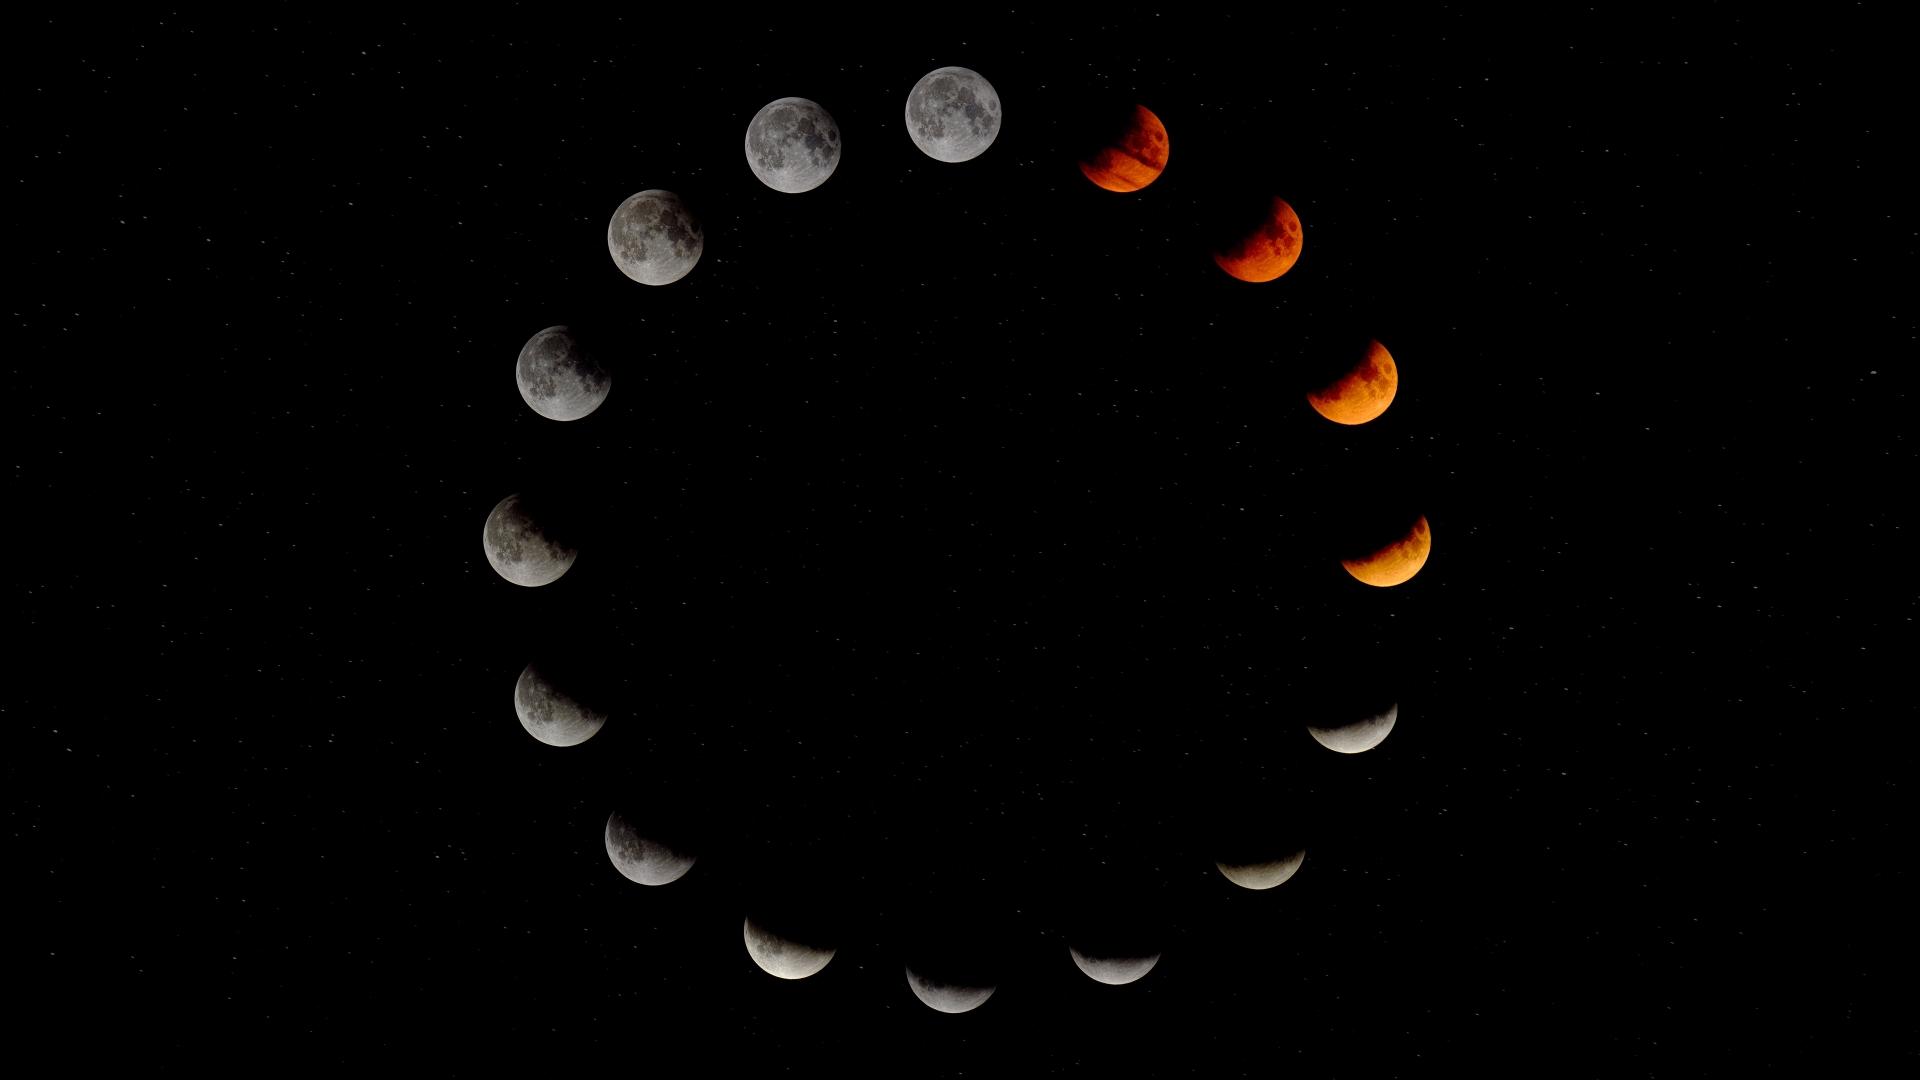 Hình mặt trăng nghệ thuật đẹp nhất